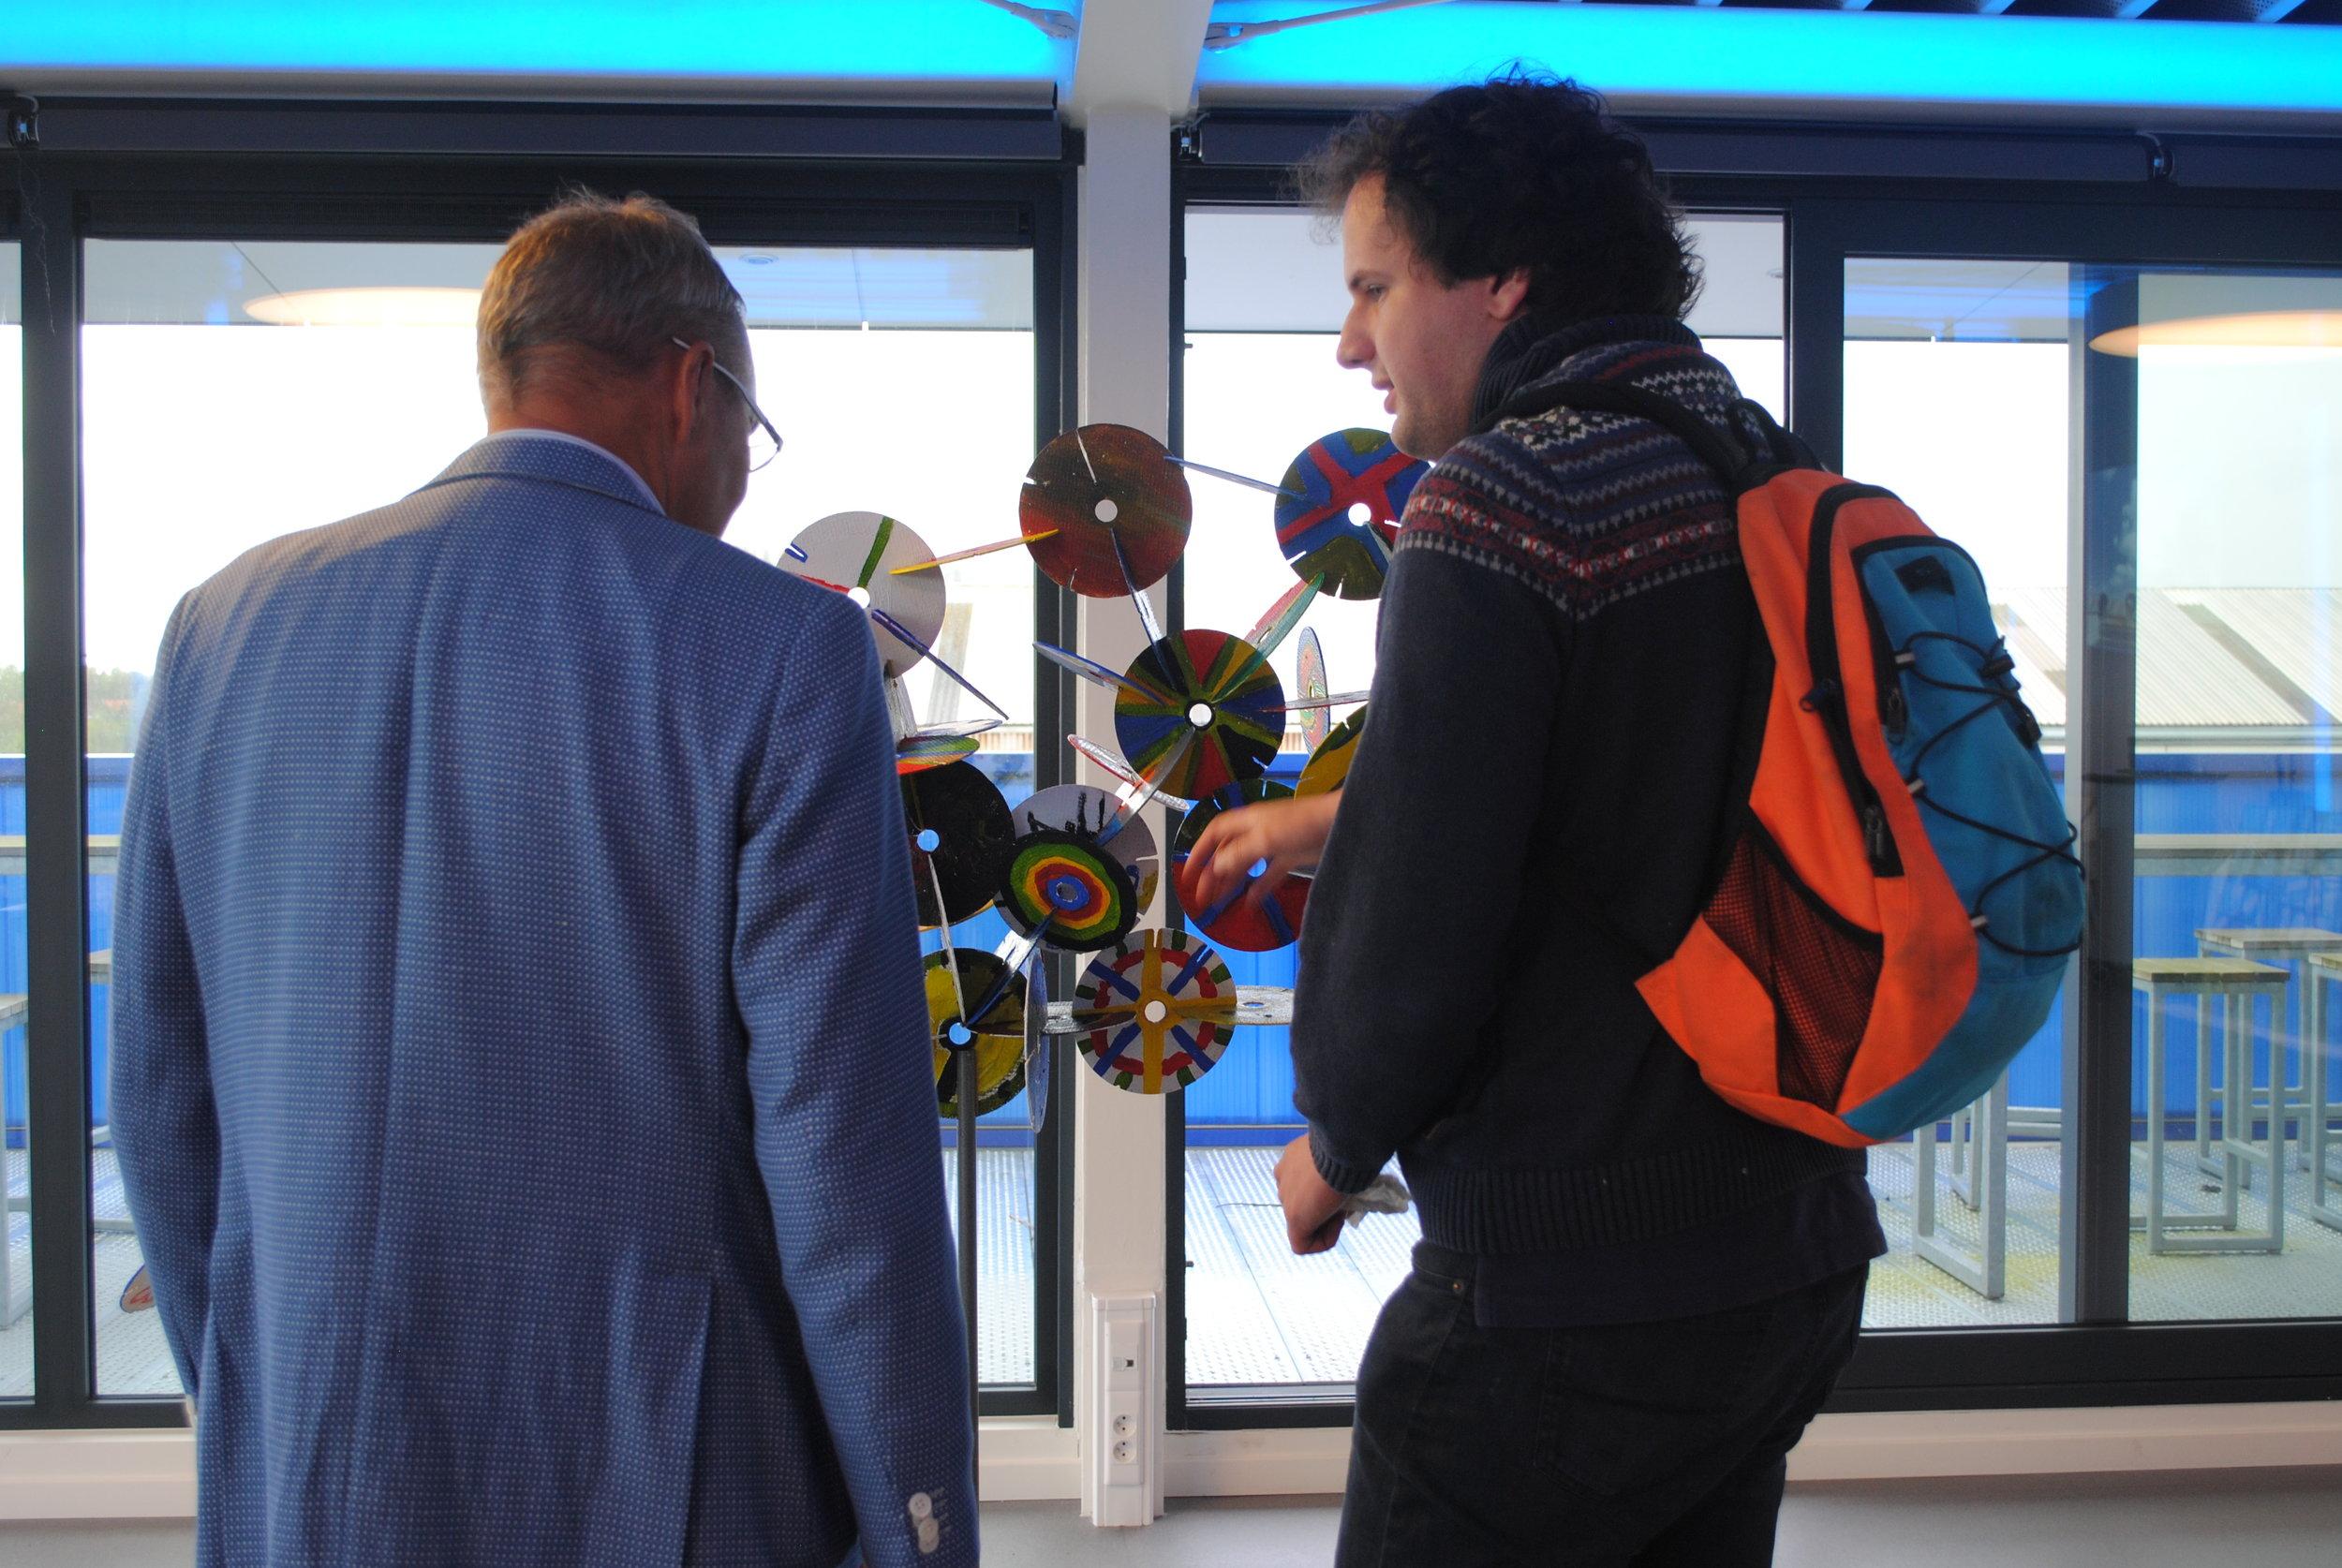 Wim Hoeckman en KunstBaaner Thibault bij de 'Slijpschijvenwolk'